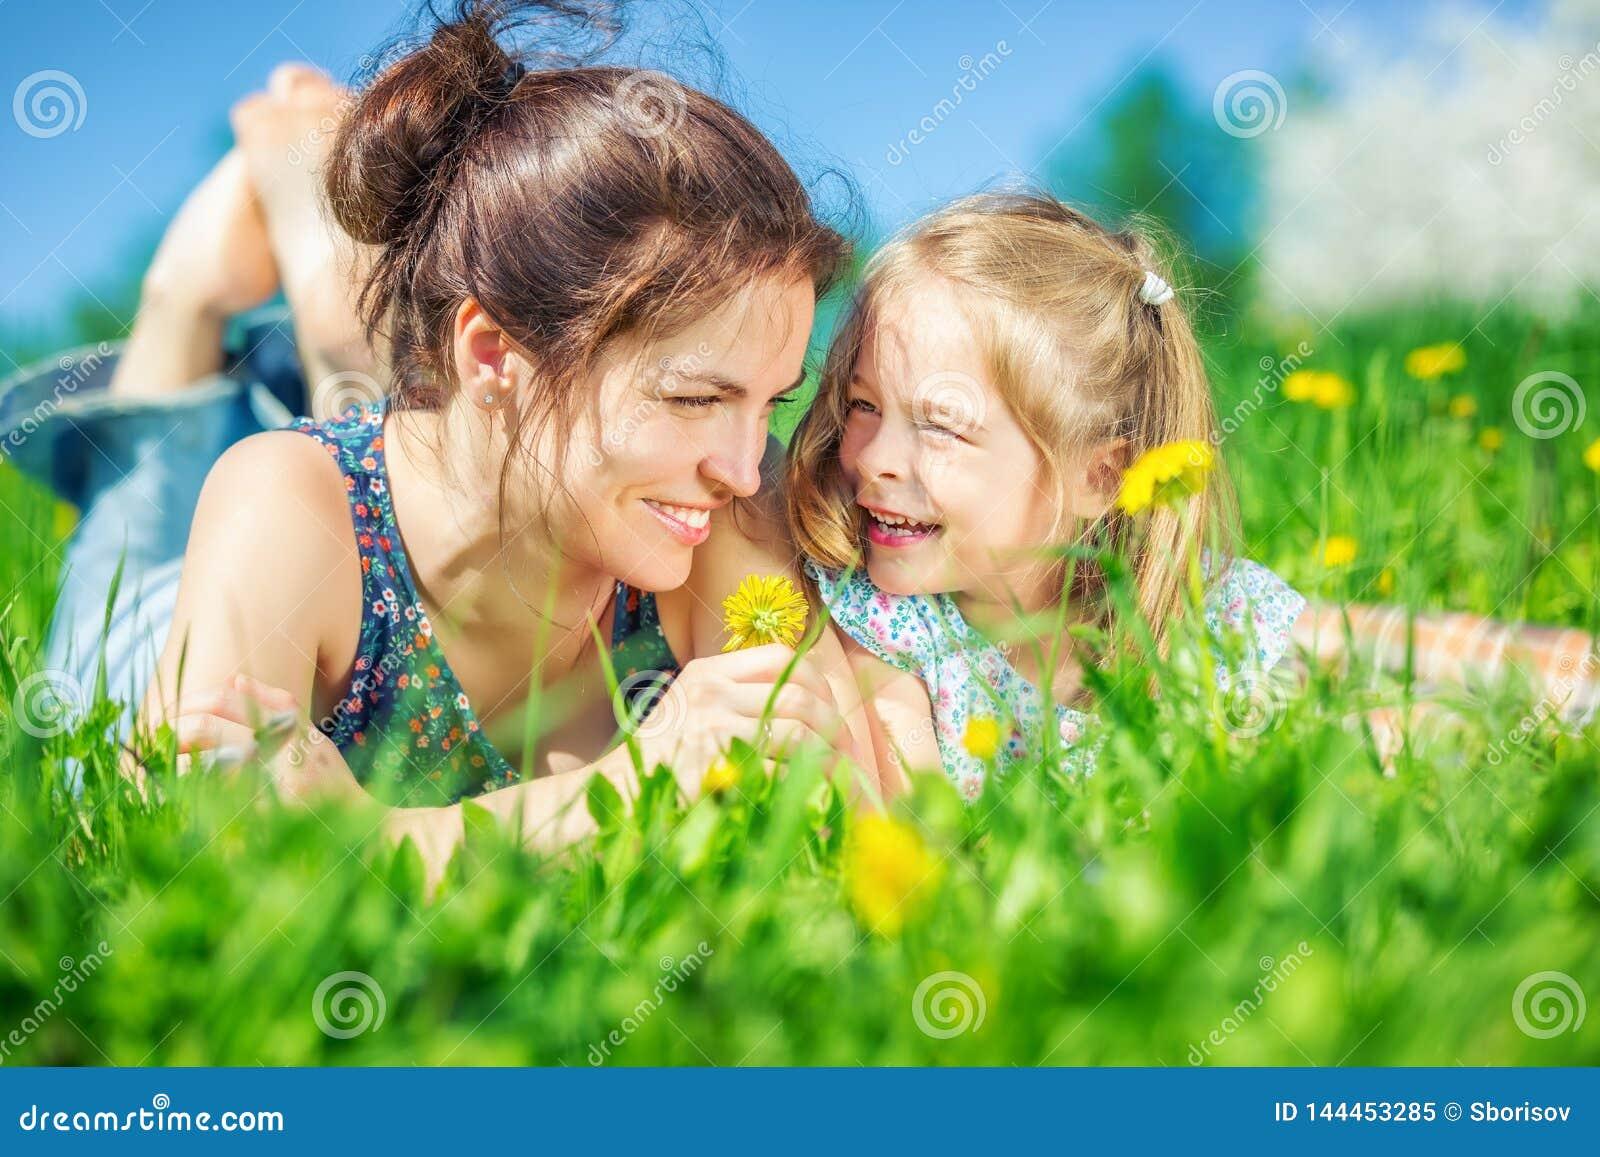 Junge Frau und ihre Tochter auf grünem Sommergras